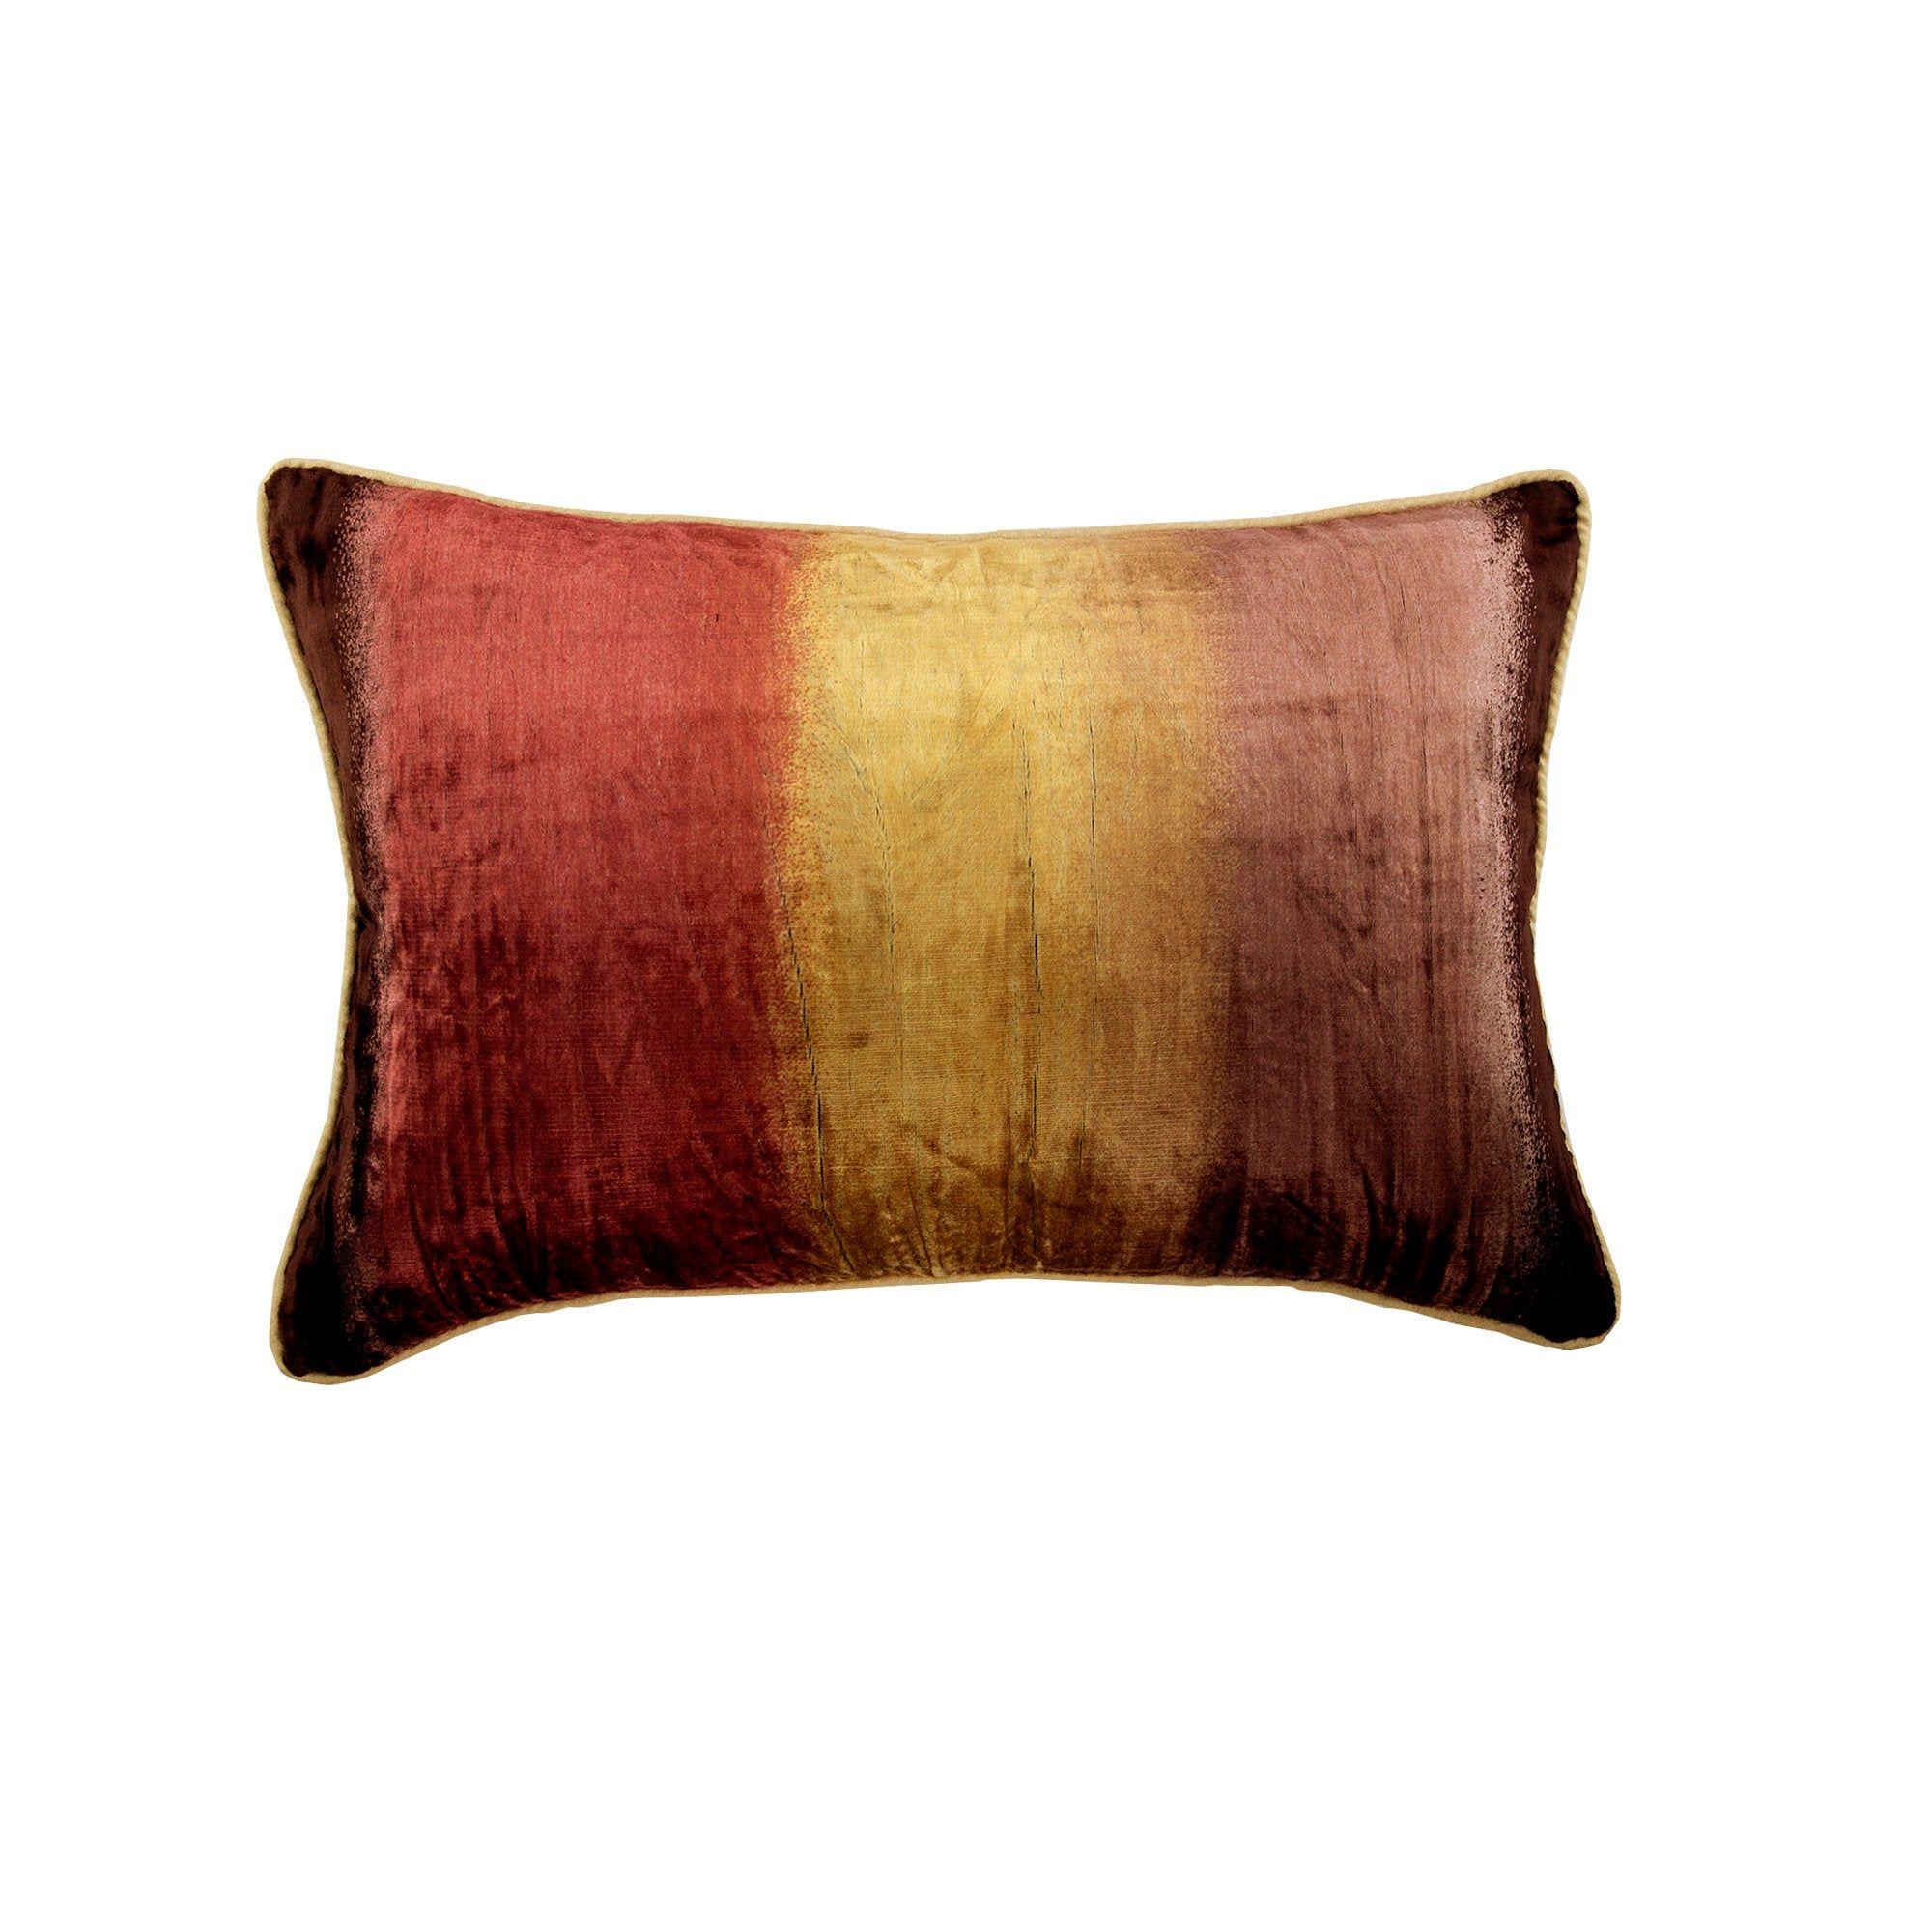 Decorative Oblong Lumbar Throw Pillow